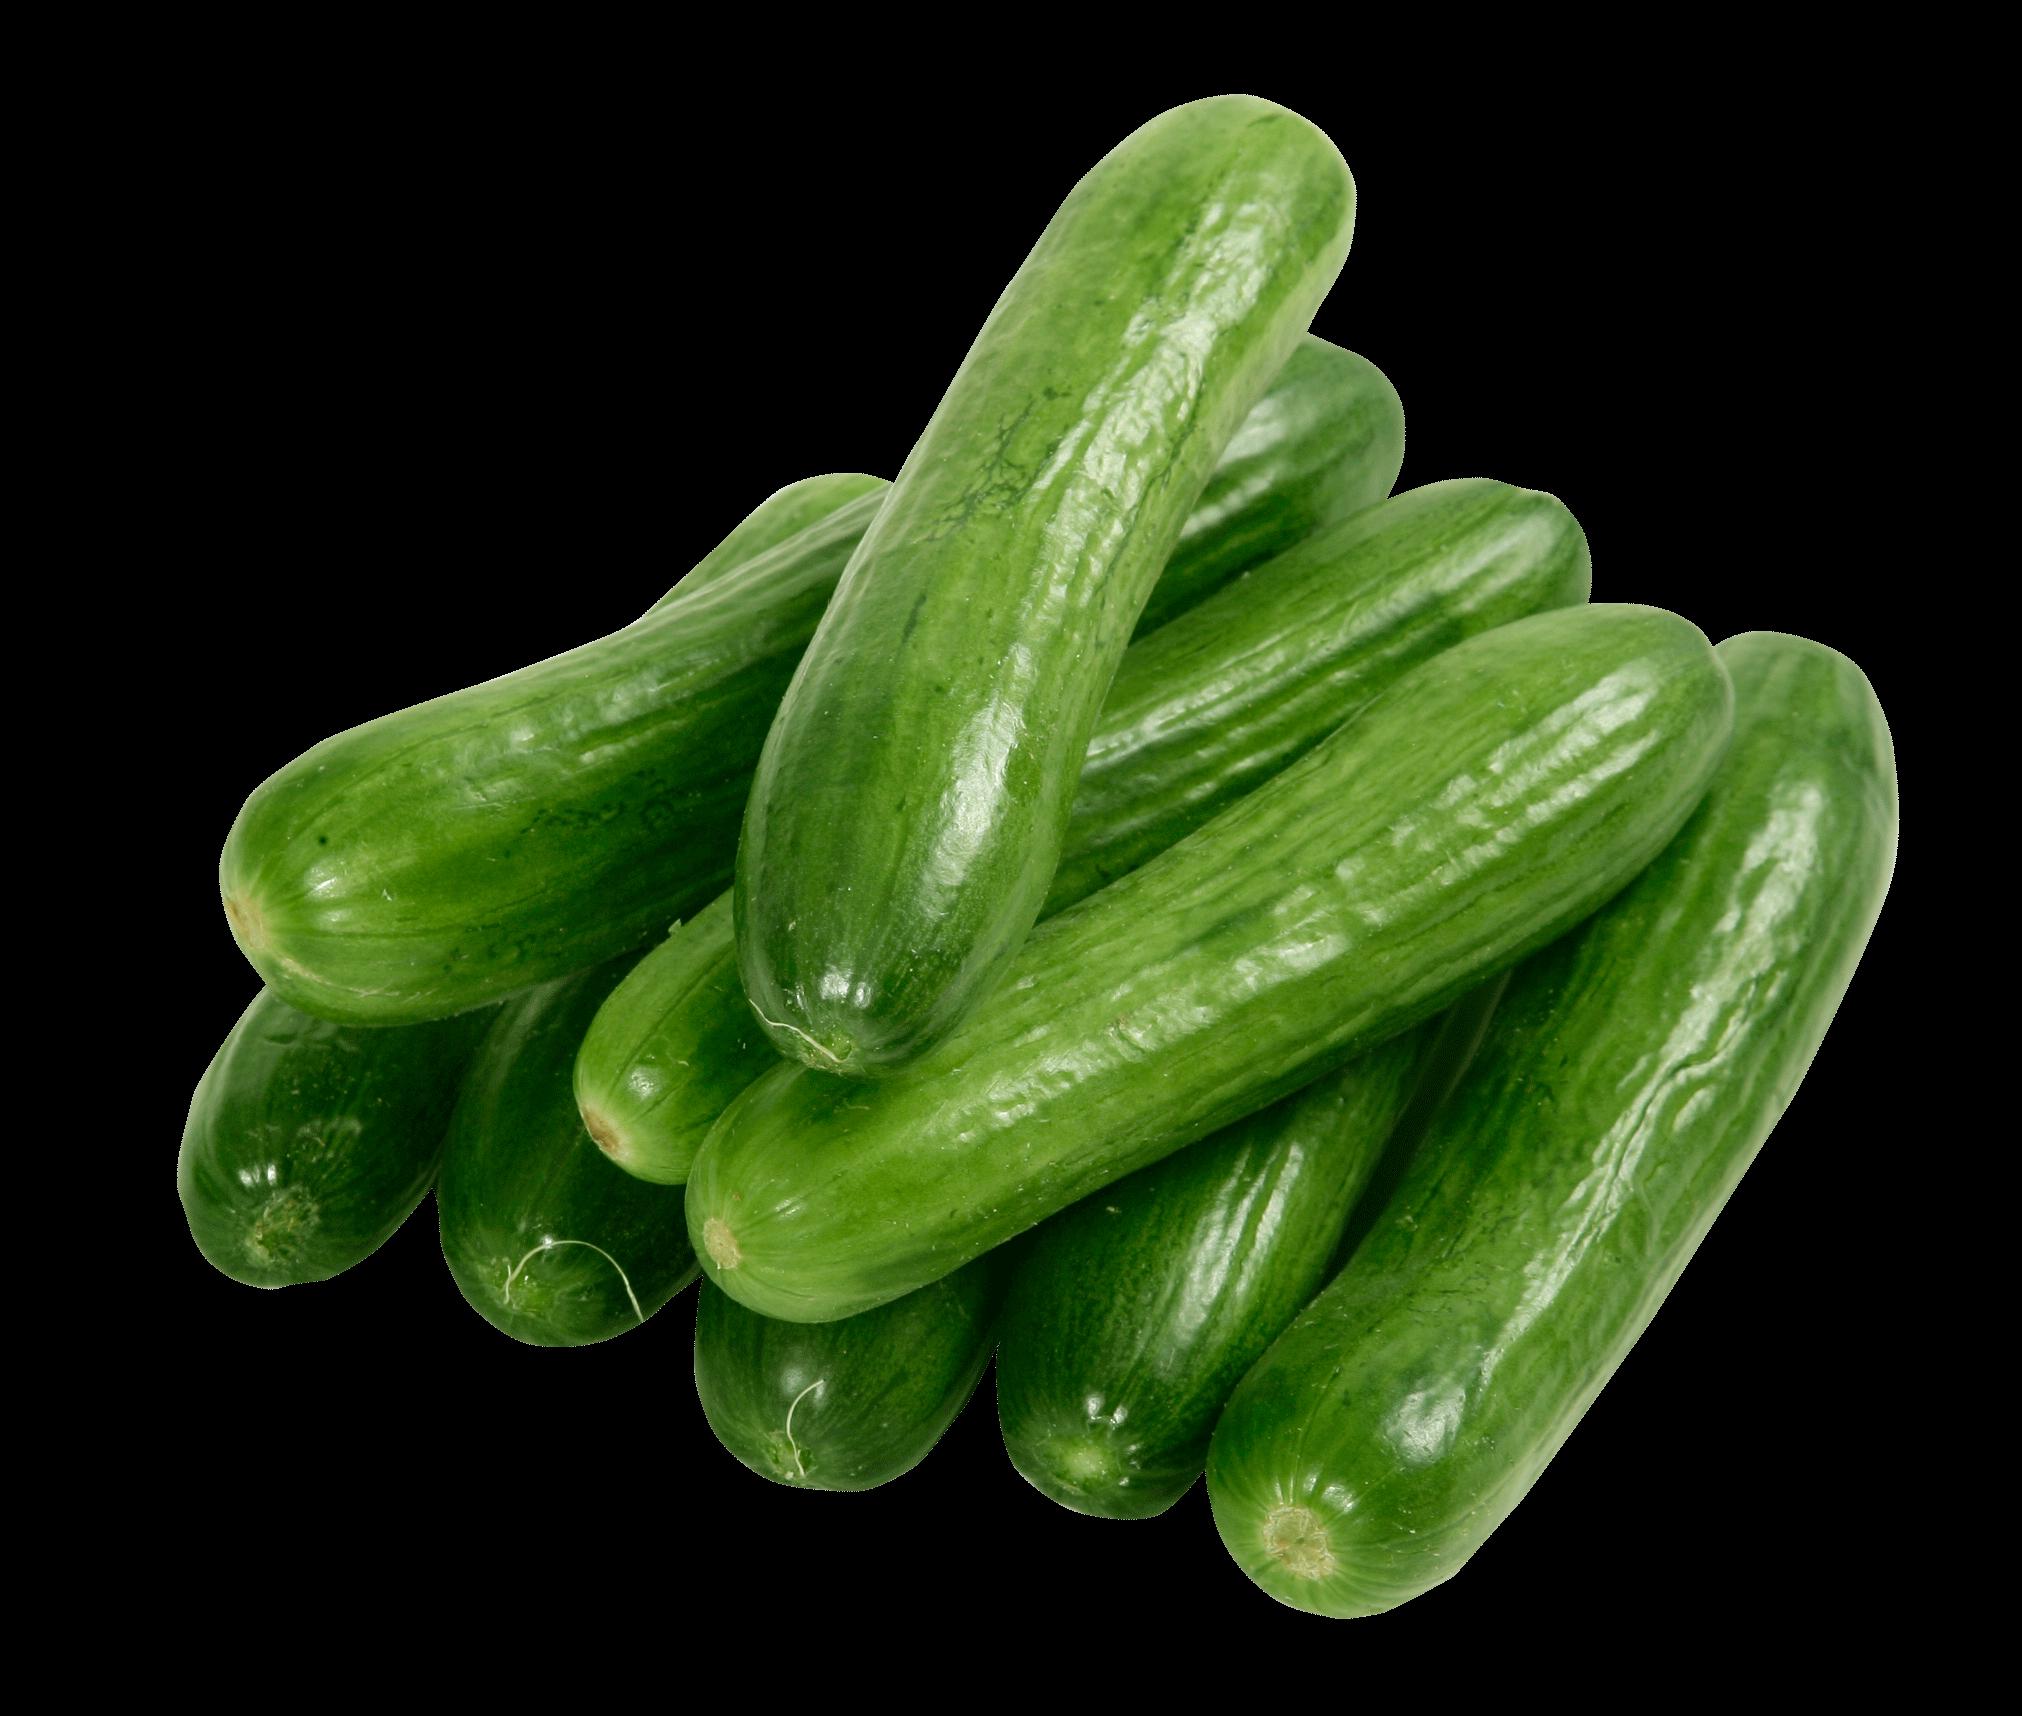 Zucchini clipart transparent background. A few cucumbers png